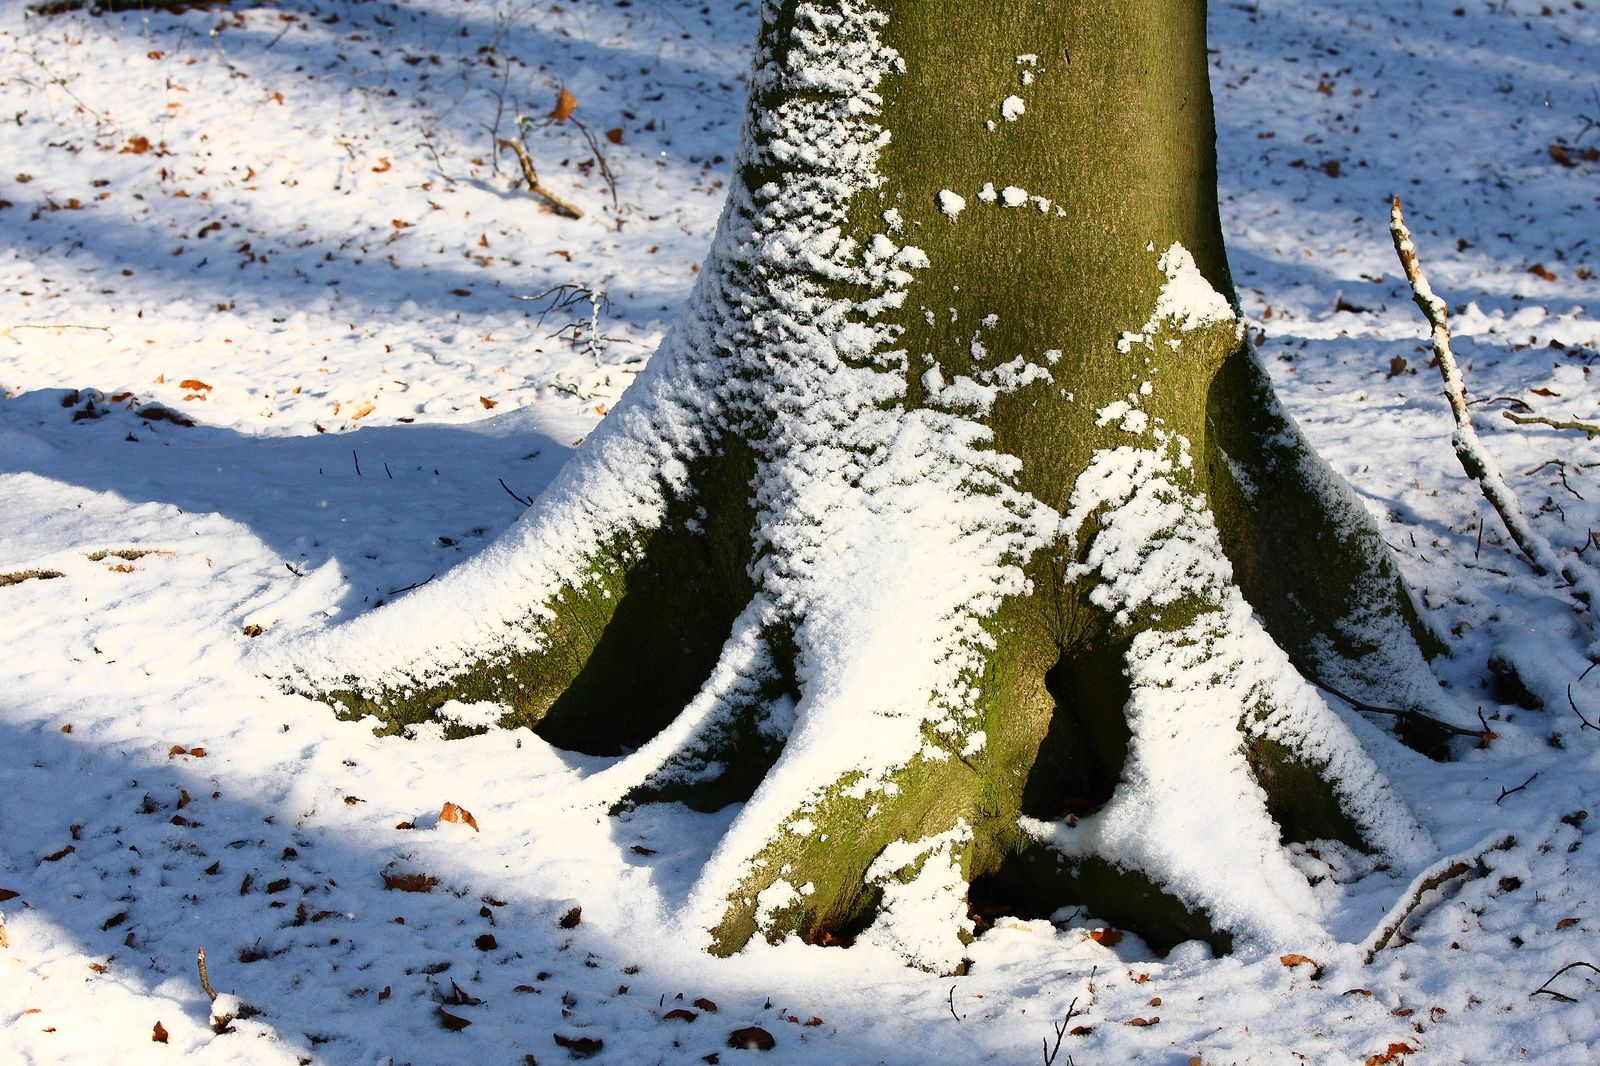 herbst-winter_008